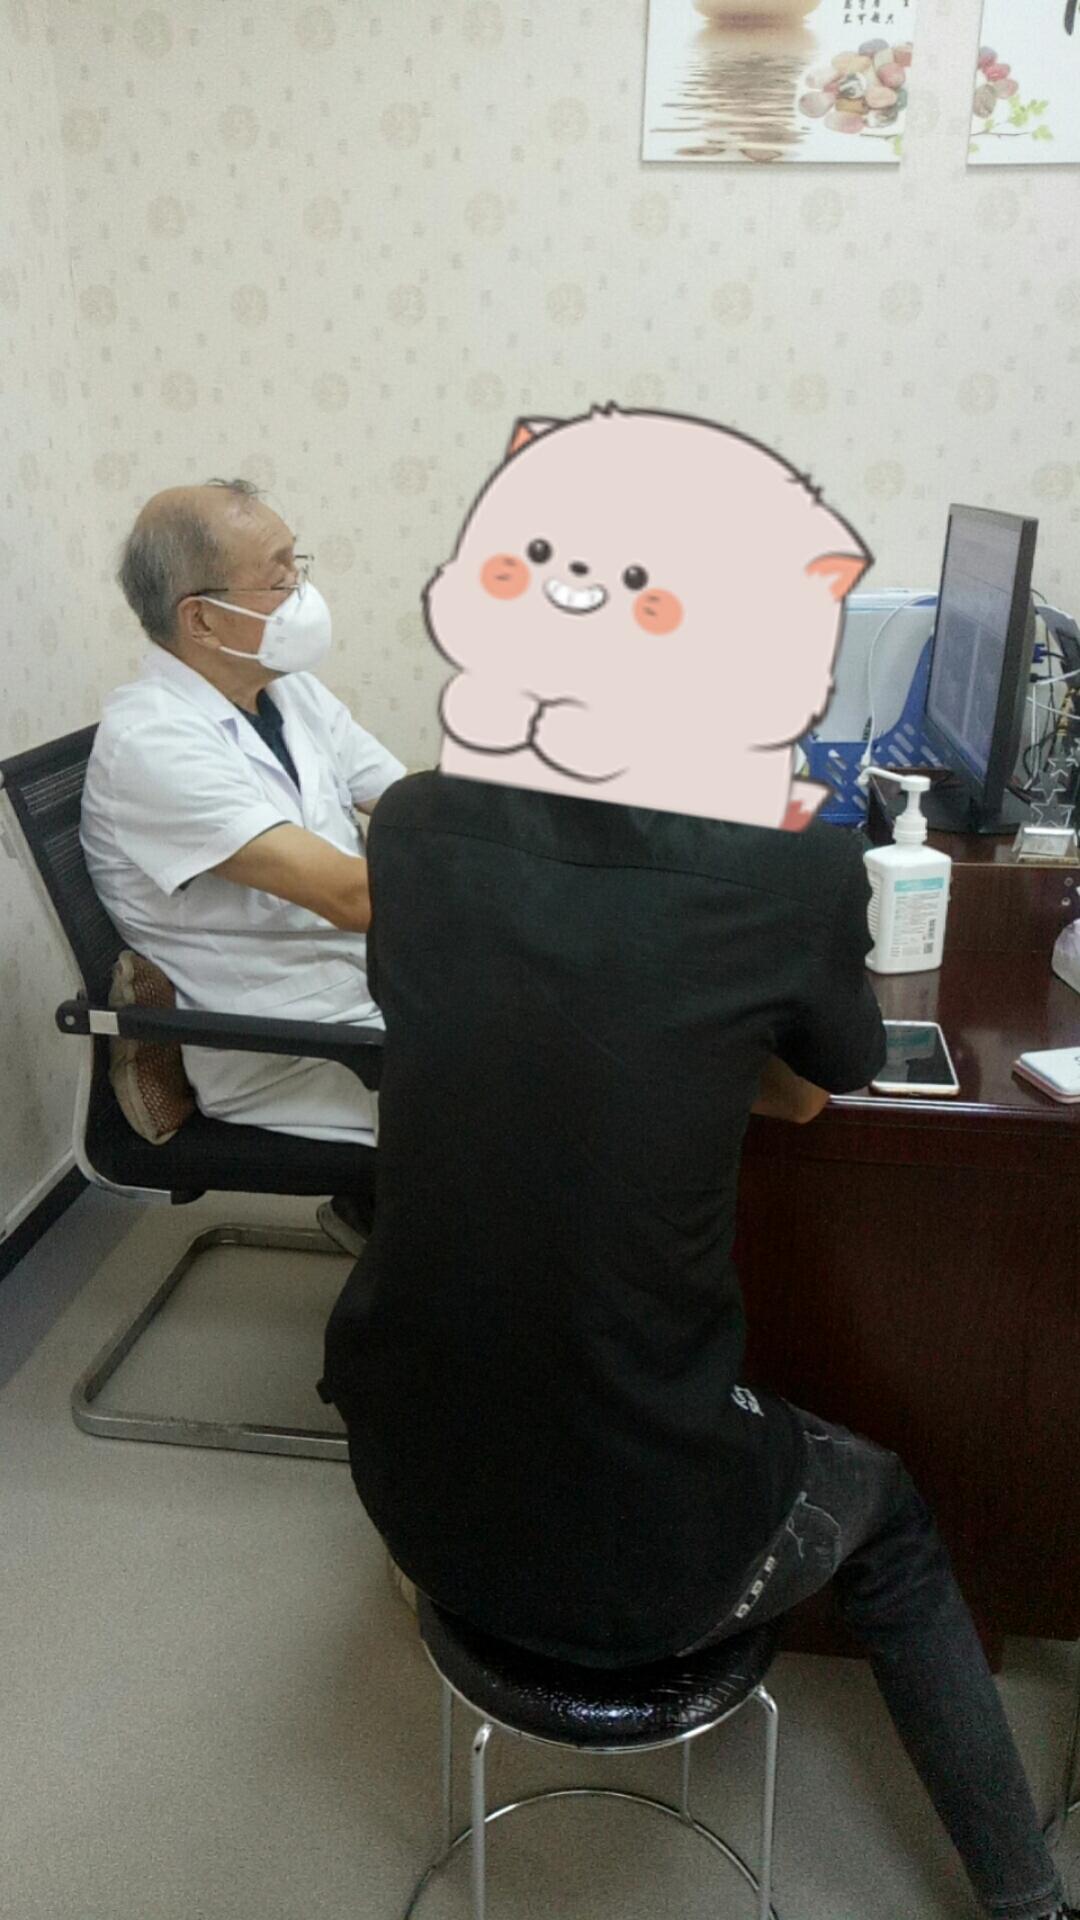 前列腺患者大多想要快速康复,这次医生是这么说的;